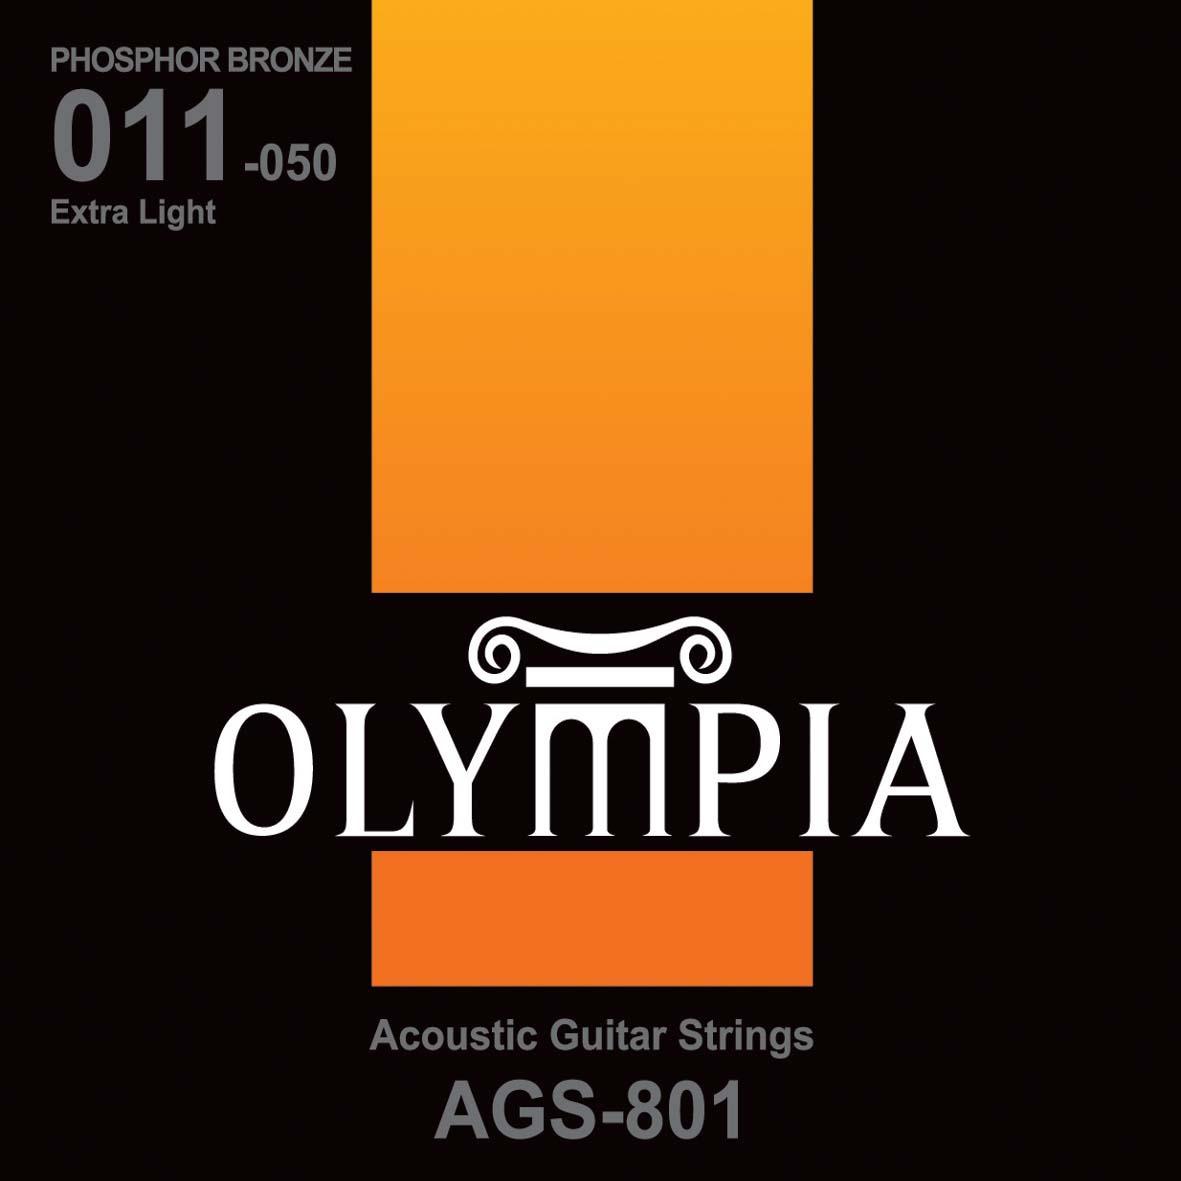 Струны для акустической гитары Olympia Phosphor Bronze (11-15-23w-30-39-50), AGS801